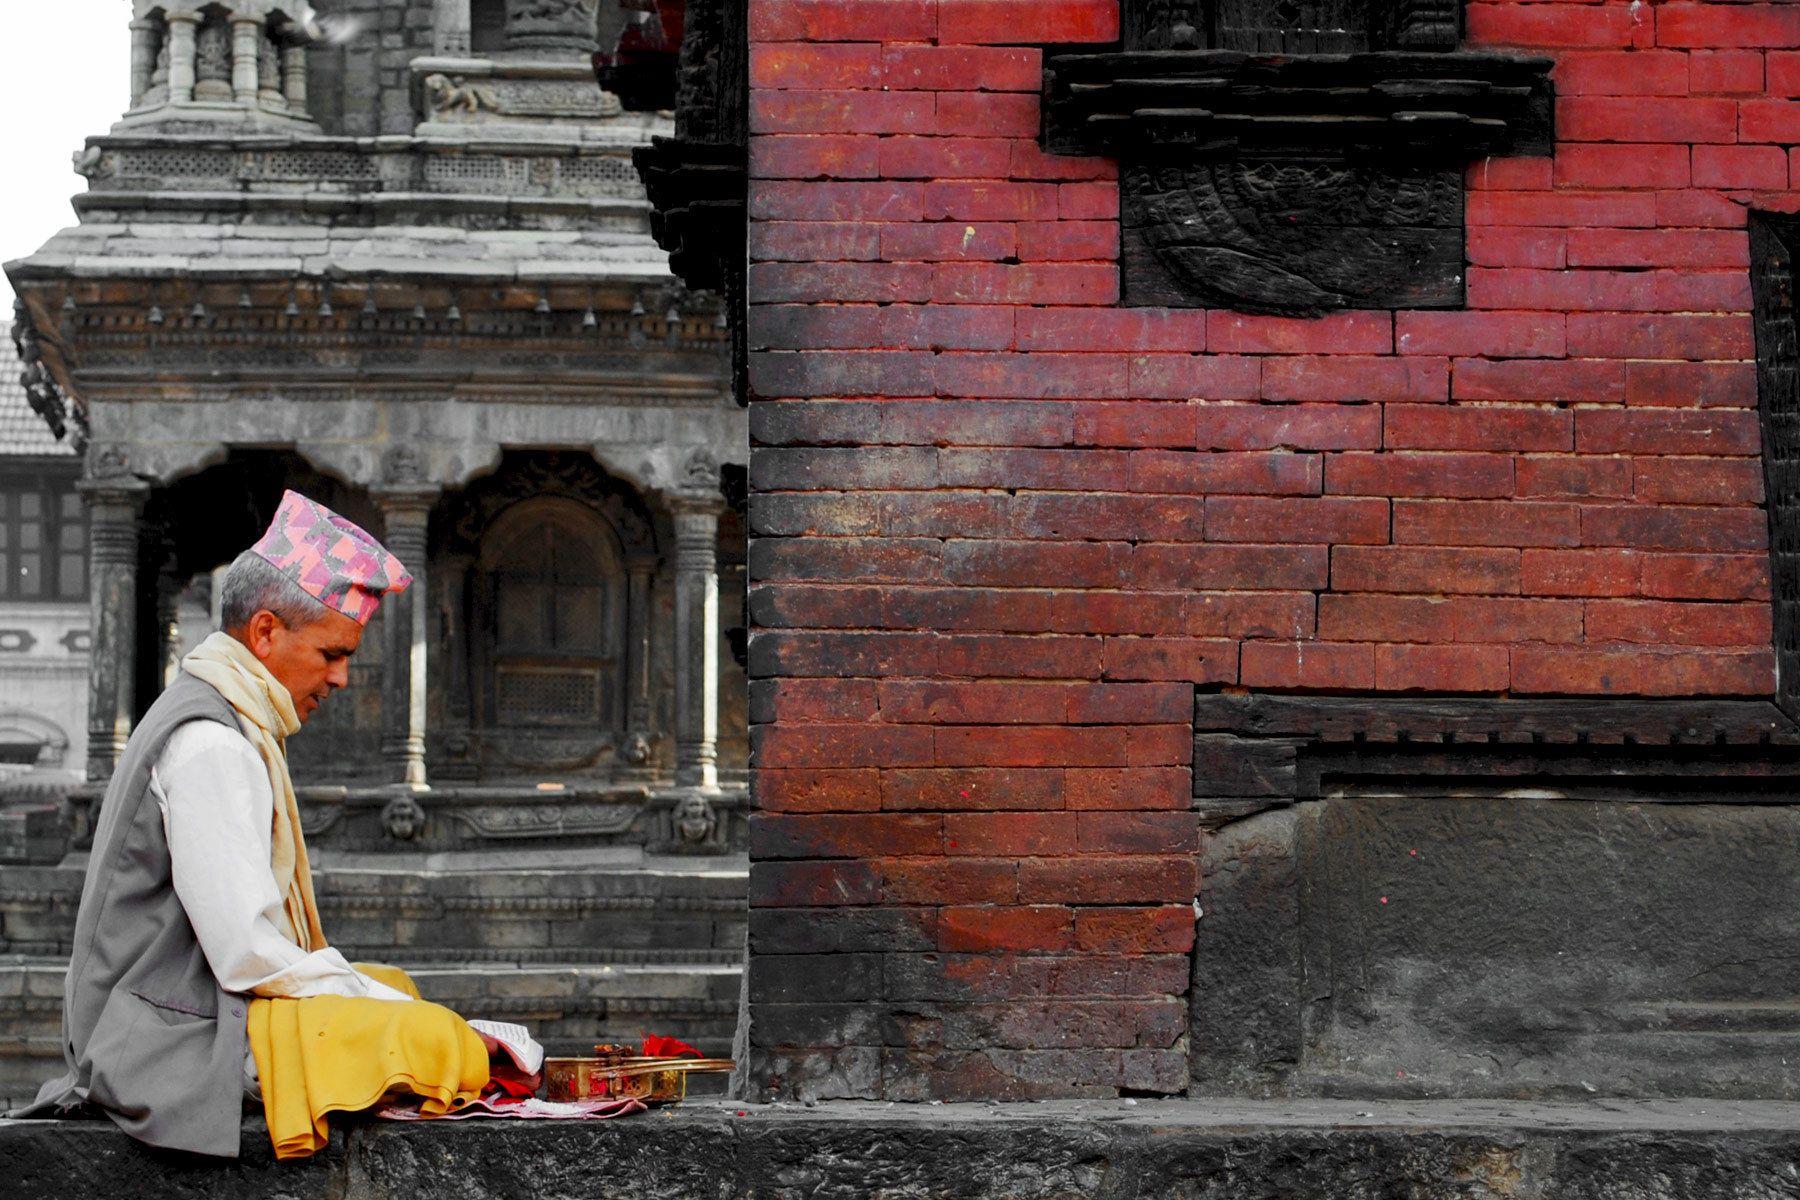 109___nepal_kathmandu_bahakthaphur.jpg